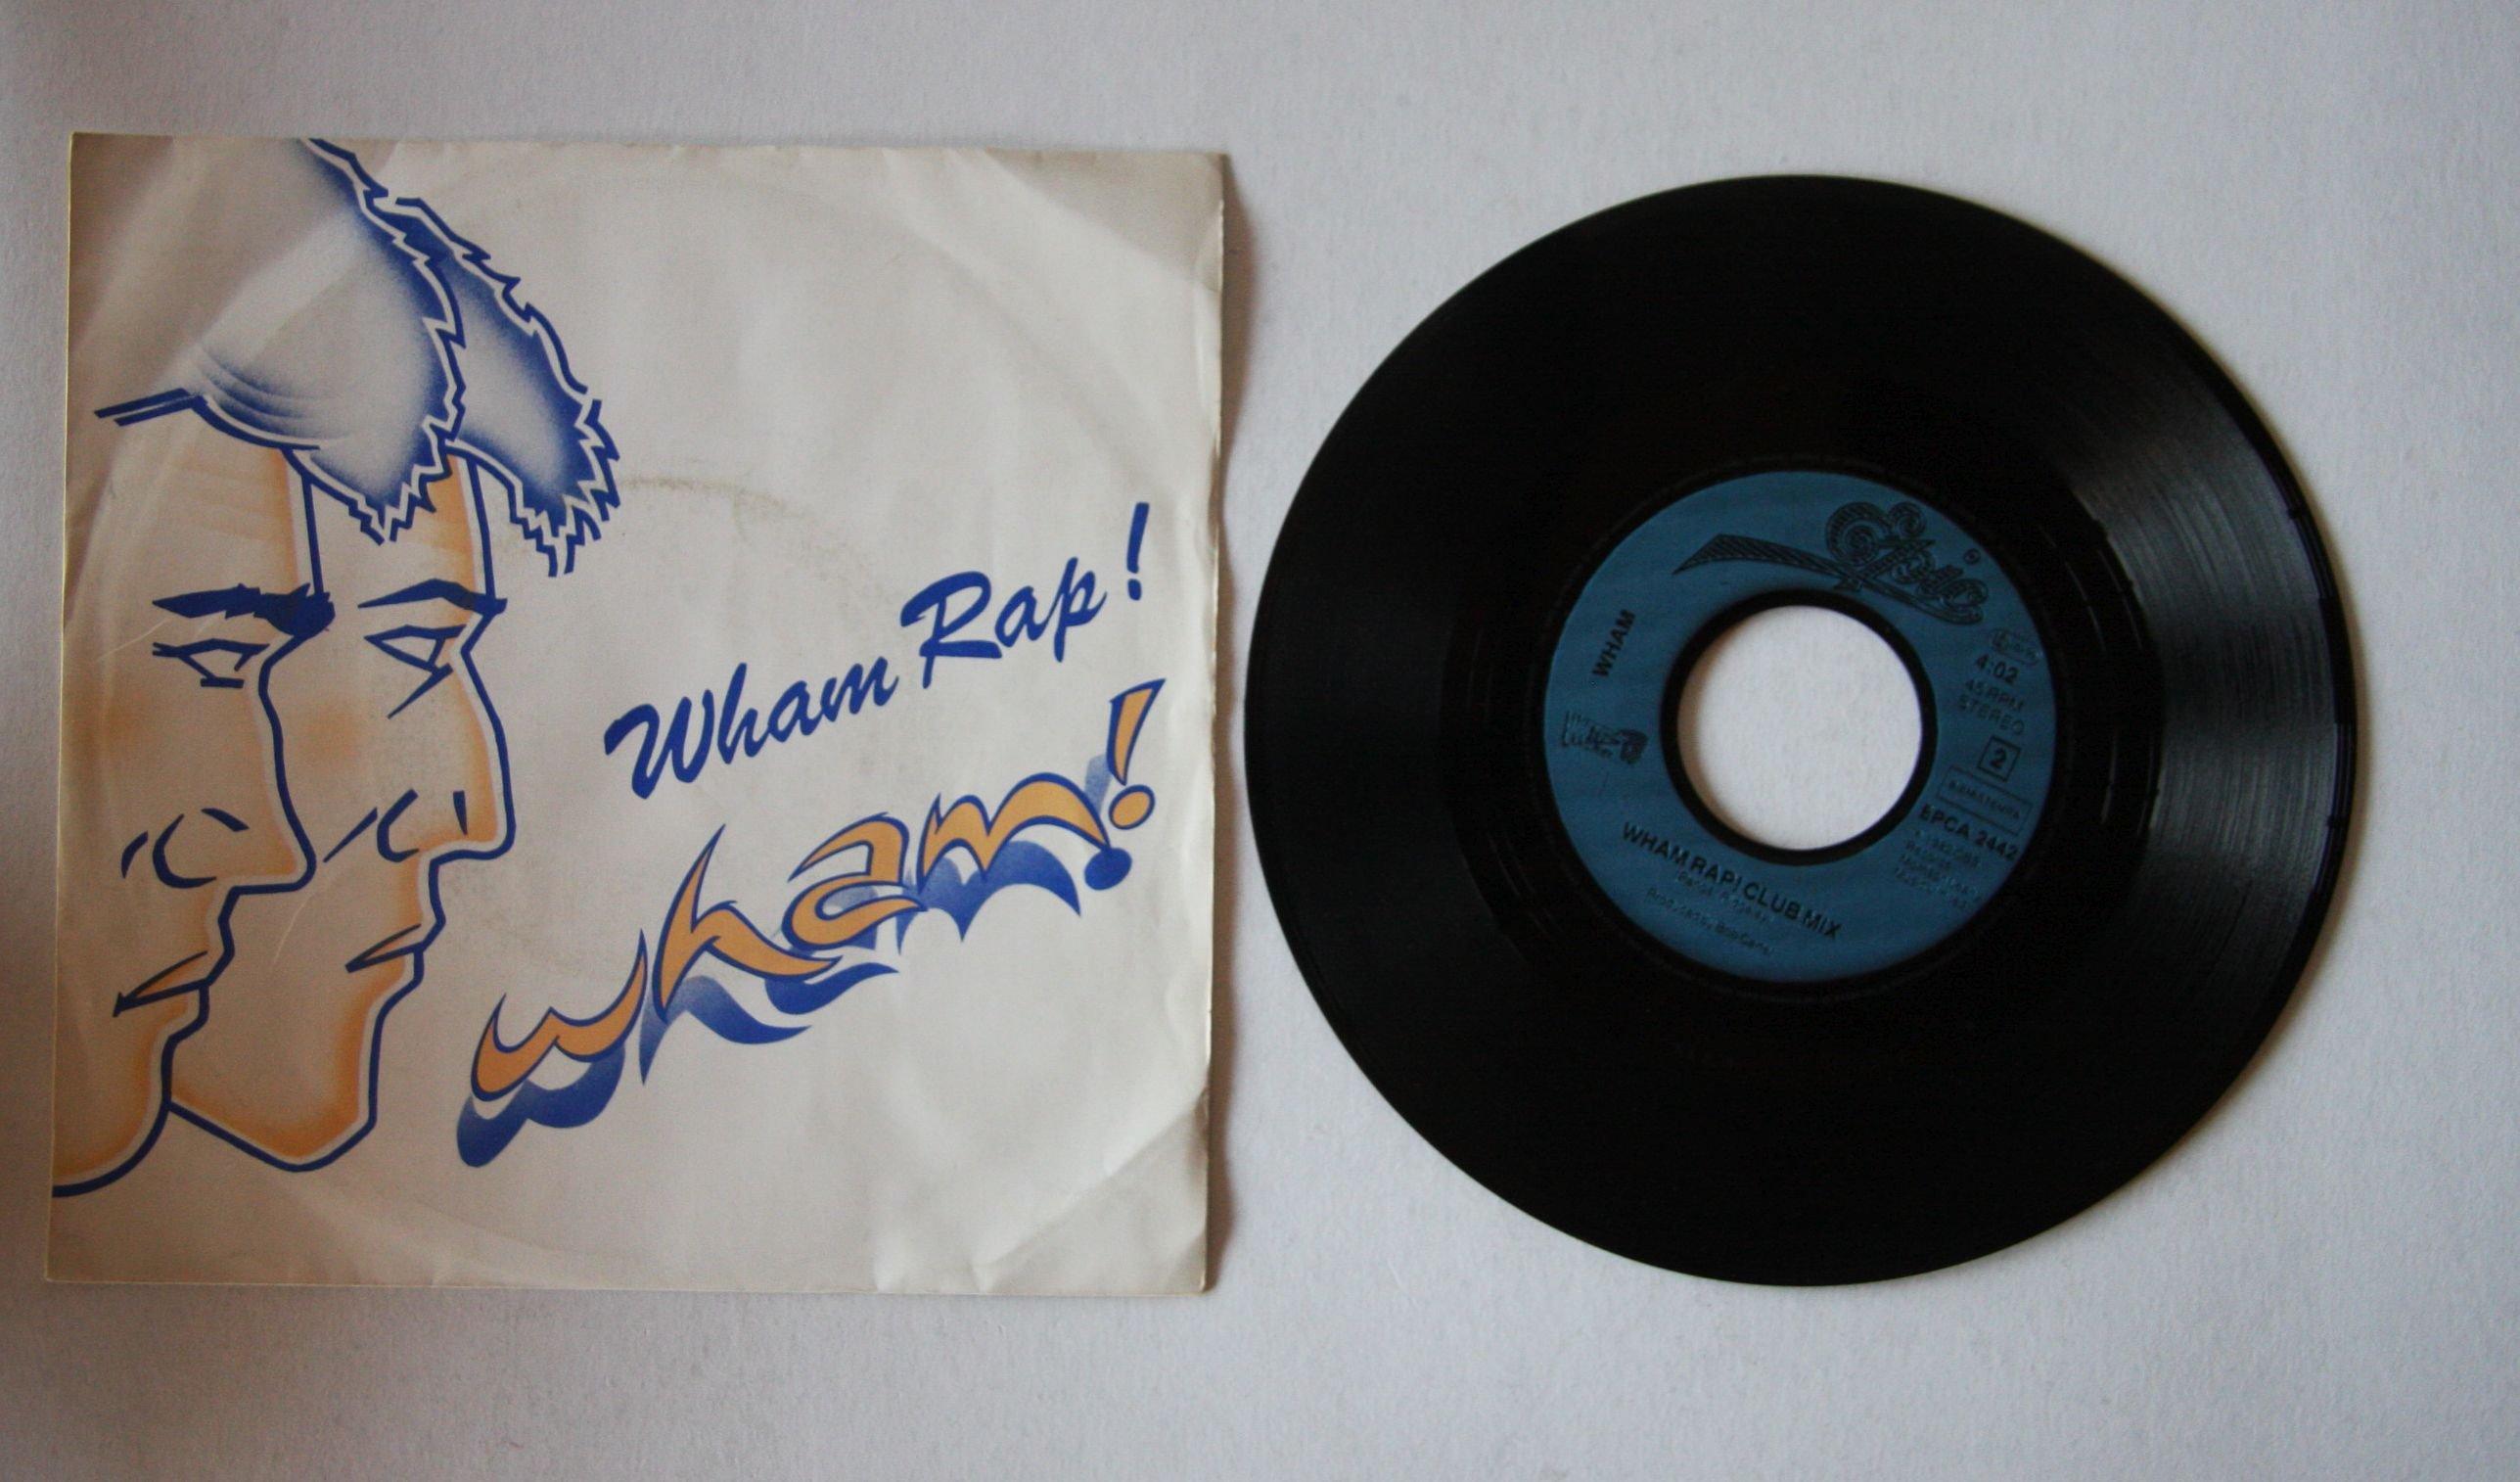 Wham Wham Rap Enjoy What You Do Special US Re Mix